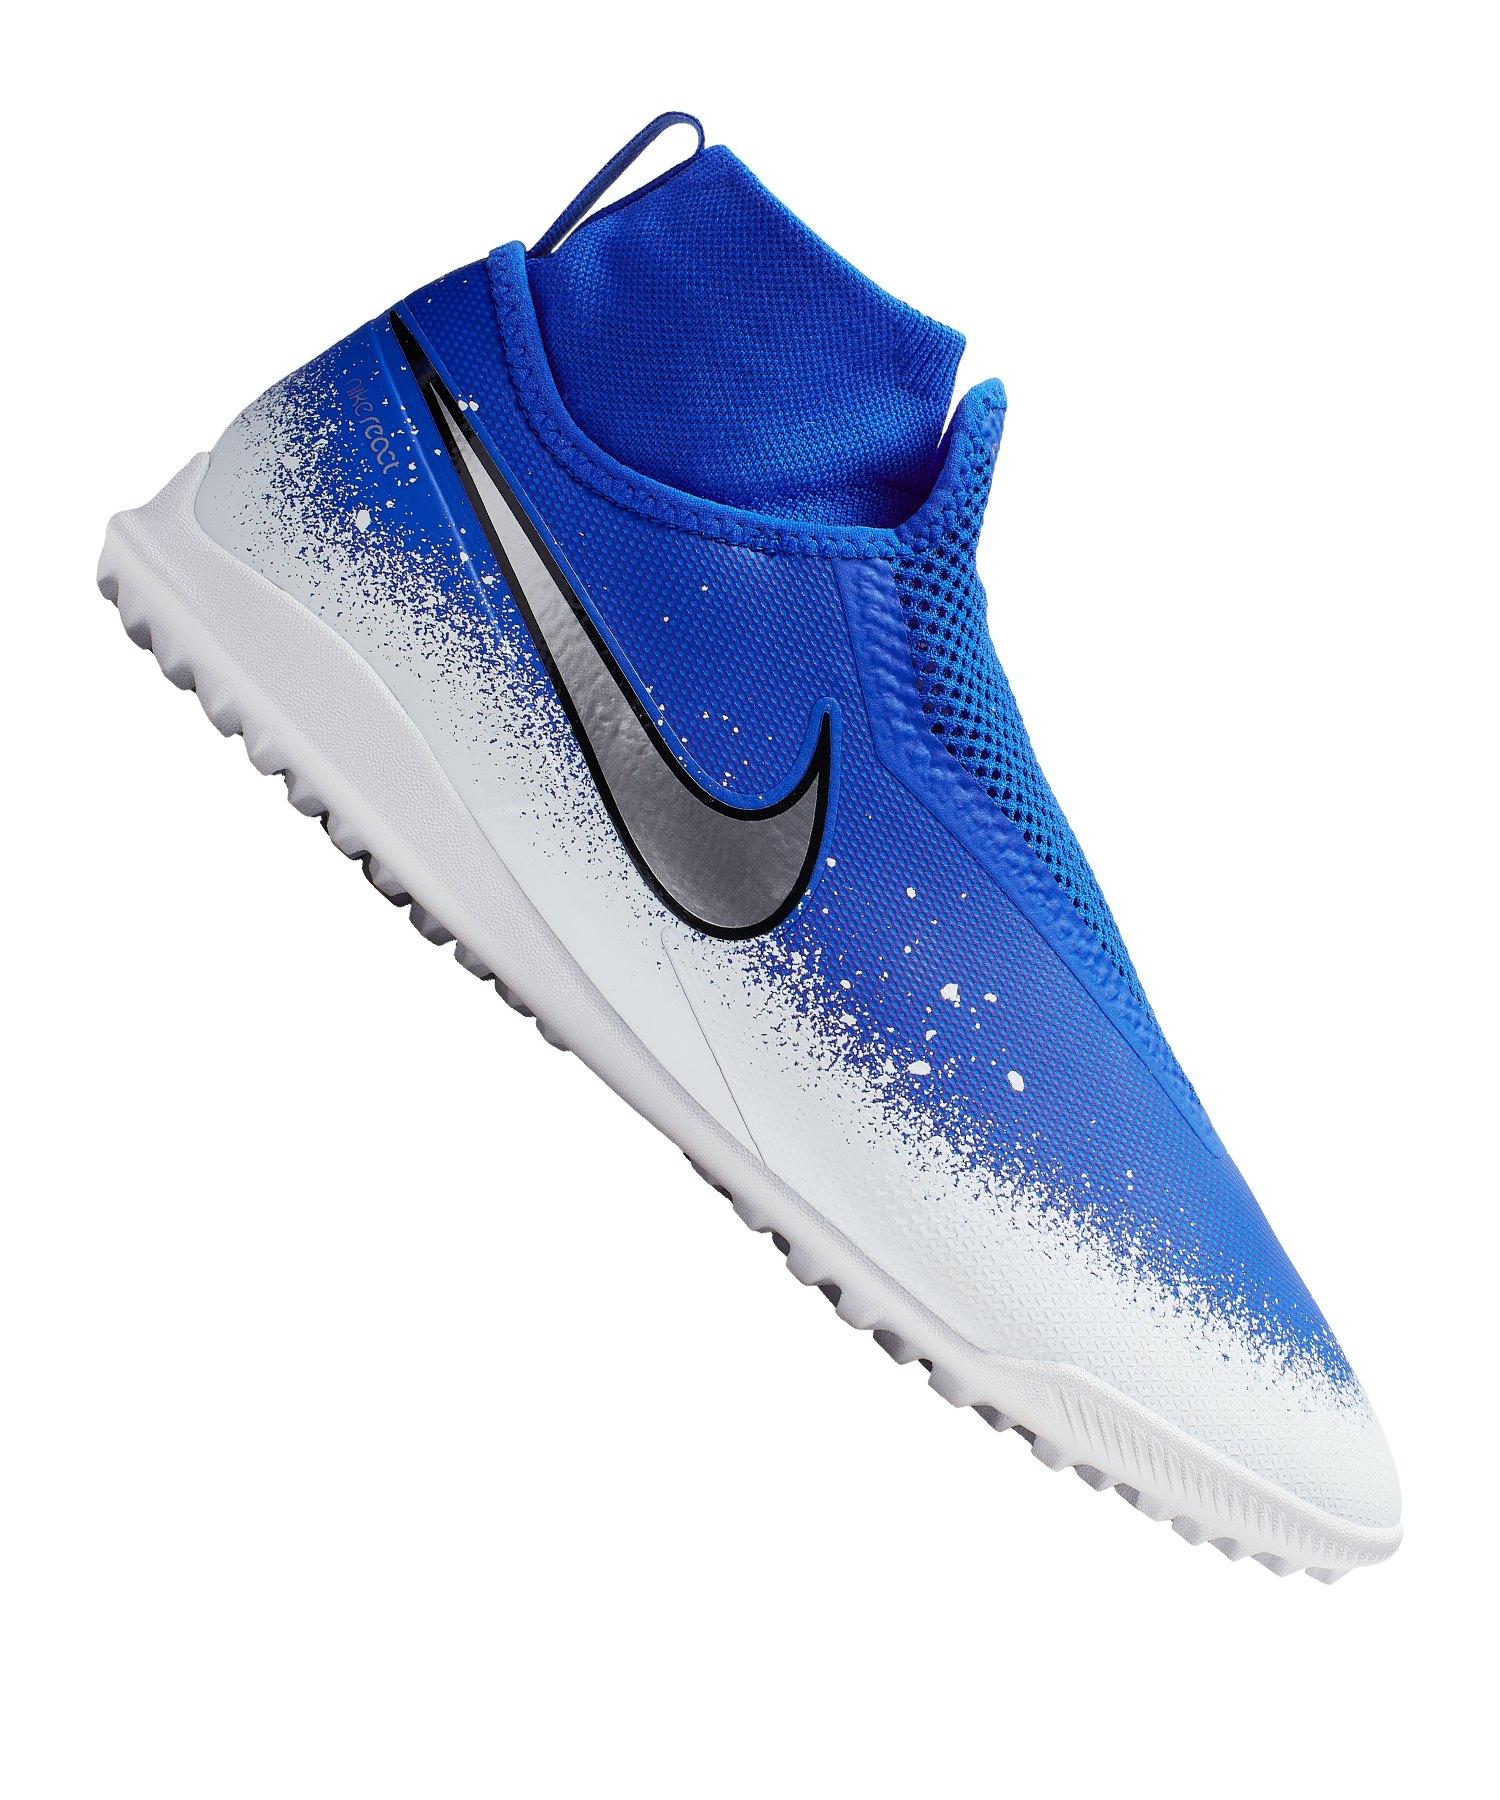 Nike Phantom Vision React Pro TF Blau F410 - blau